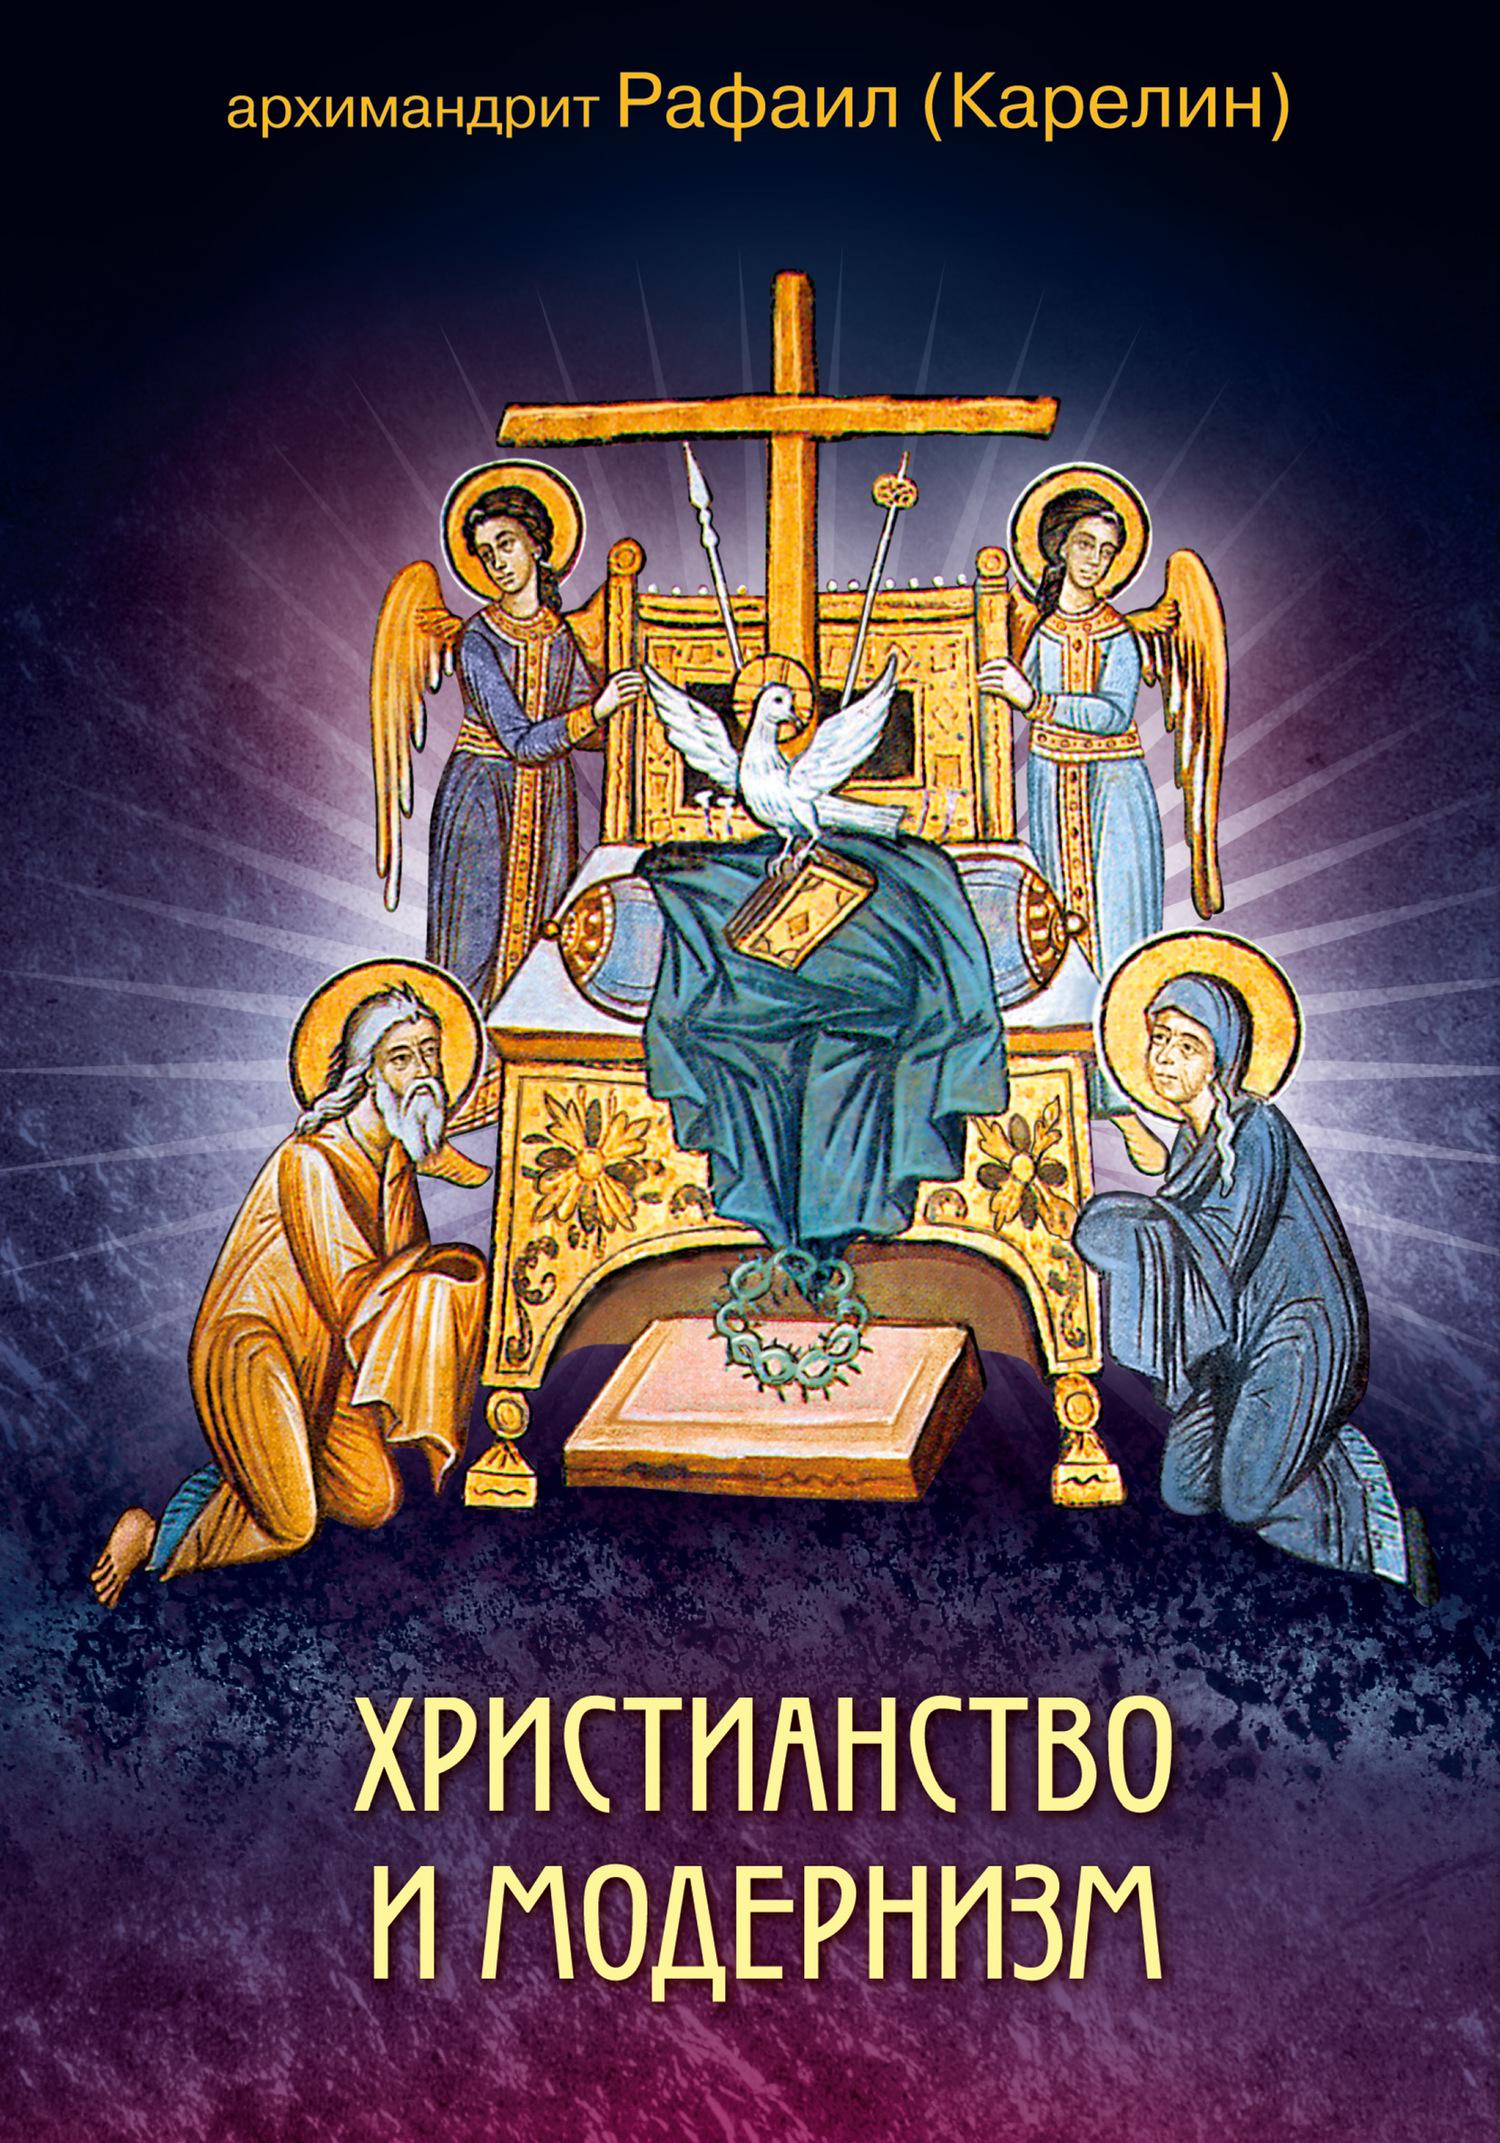 архимандрит Рафаил Карелин - Христианство и модернизм